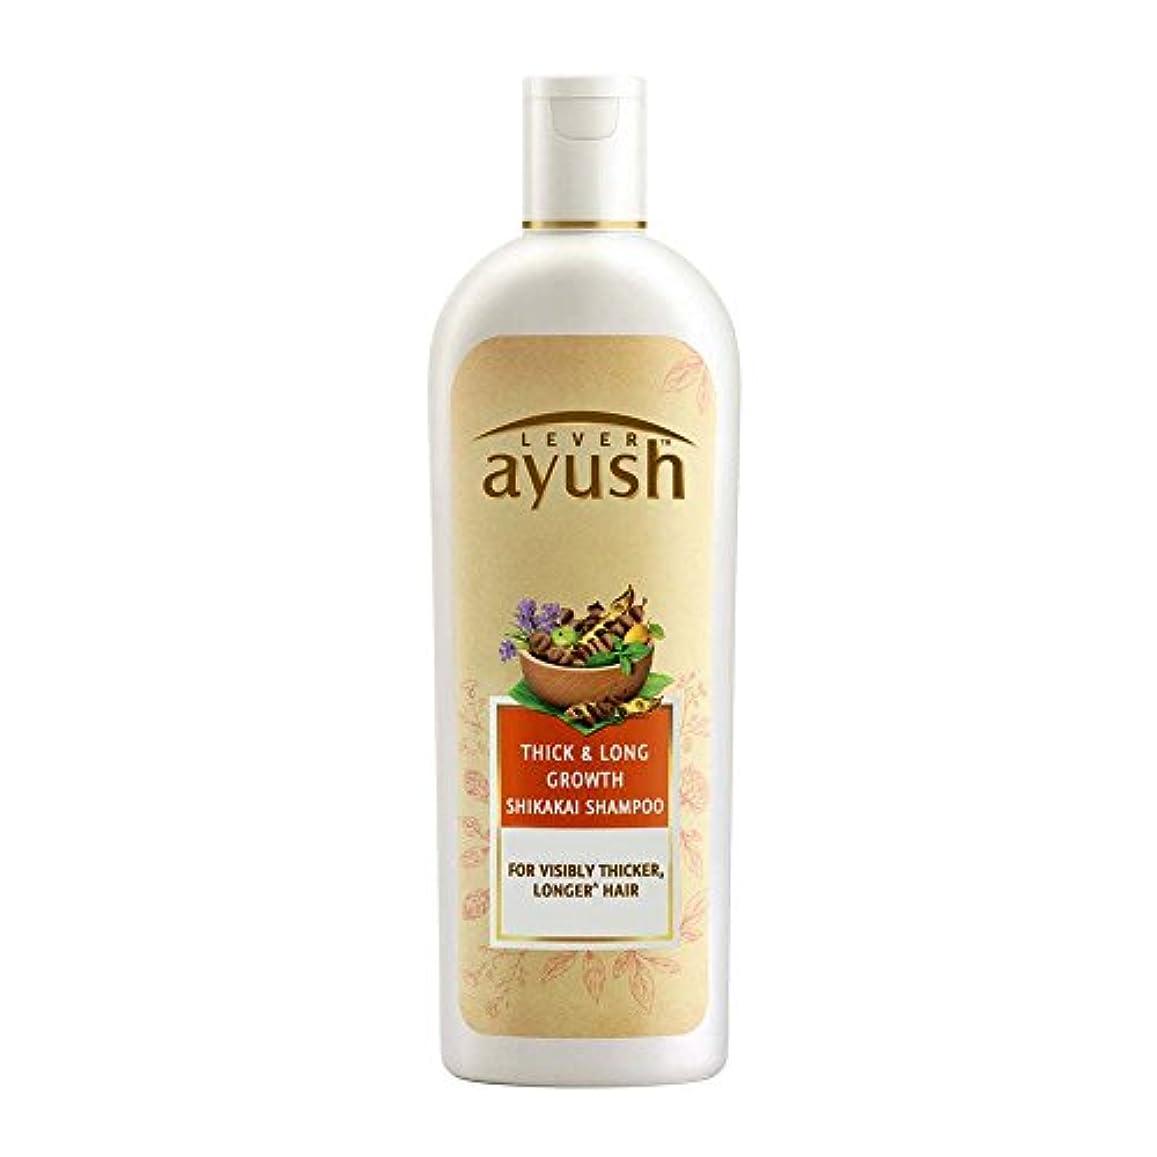 眠っている剥離ニュージーランドLever Ayush Thick and Long Growth Shikakai Shampoo, 175ml - 並行輸入品 - レバーアユッシュシック&ロンググローブシカカイシャンプー、175ml